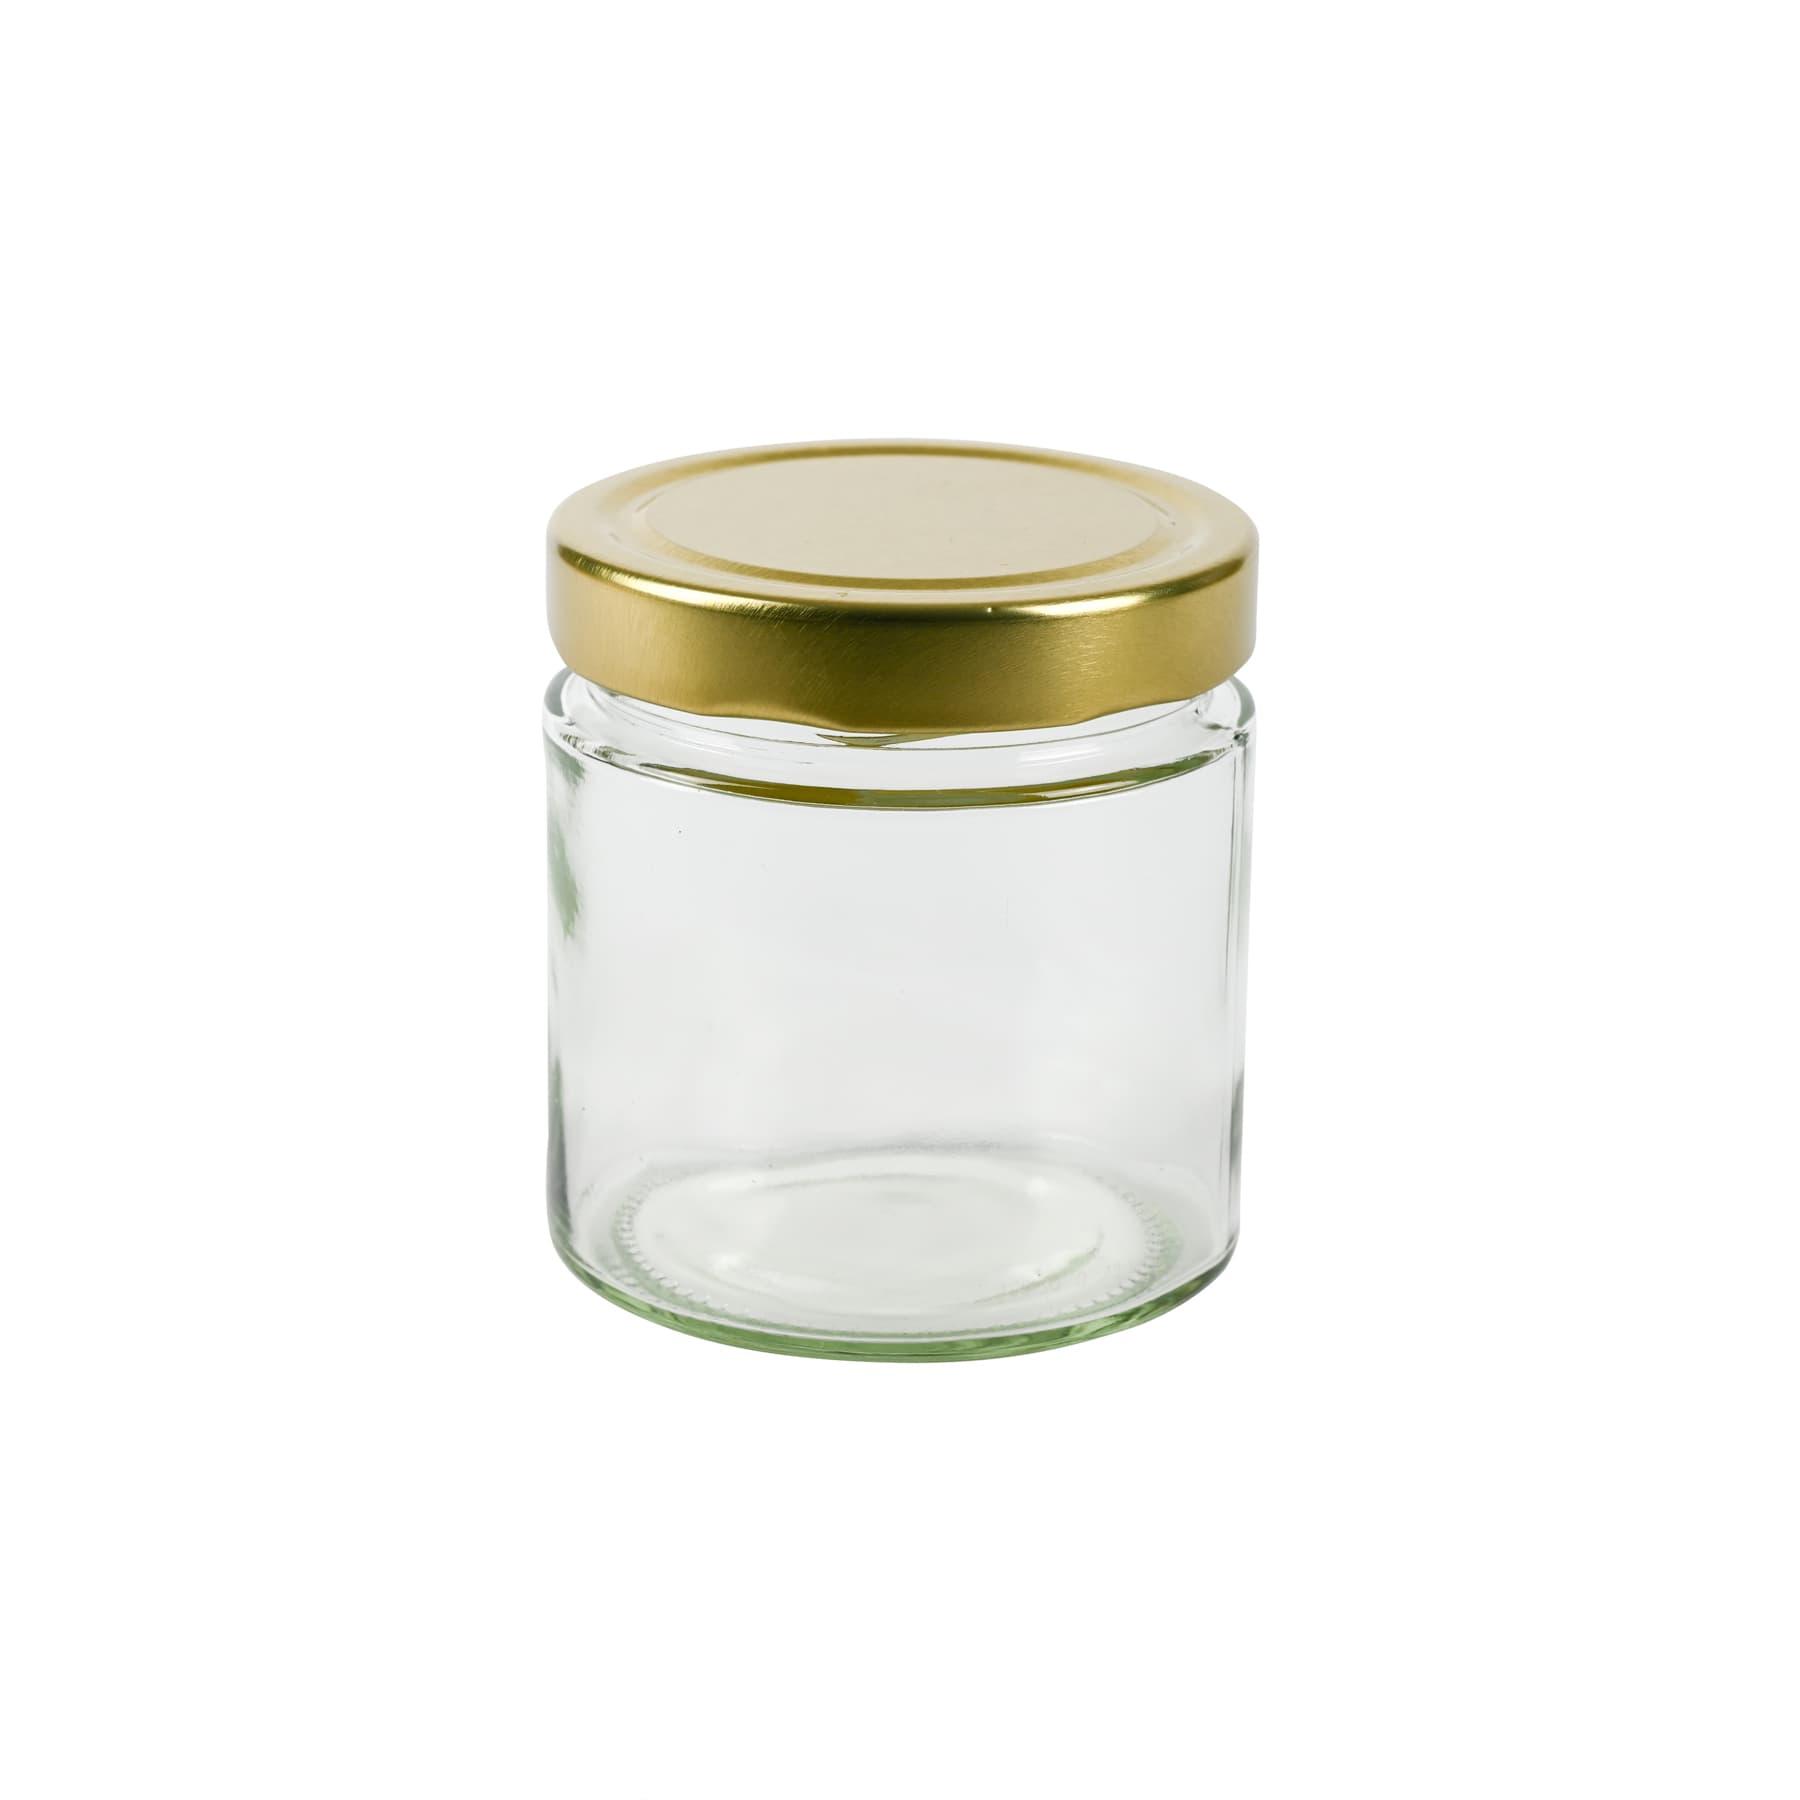 Rundglas 500 g (410 ml), mit T0 DEEP  Deckel gold 82 mm zu 13 St. je Karton gepackt diesen Artikel bieten wir nur zur Selbstabholung an,